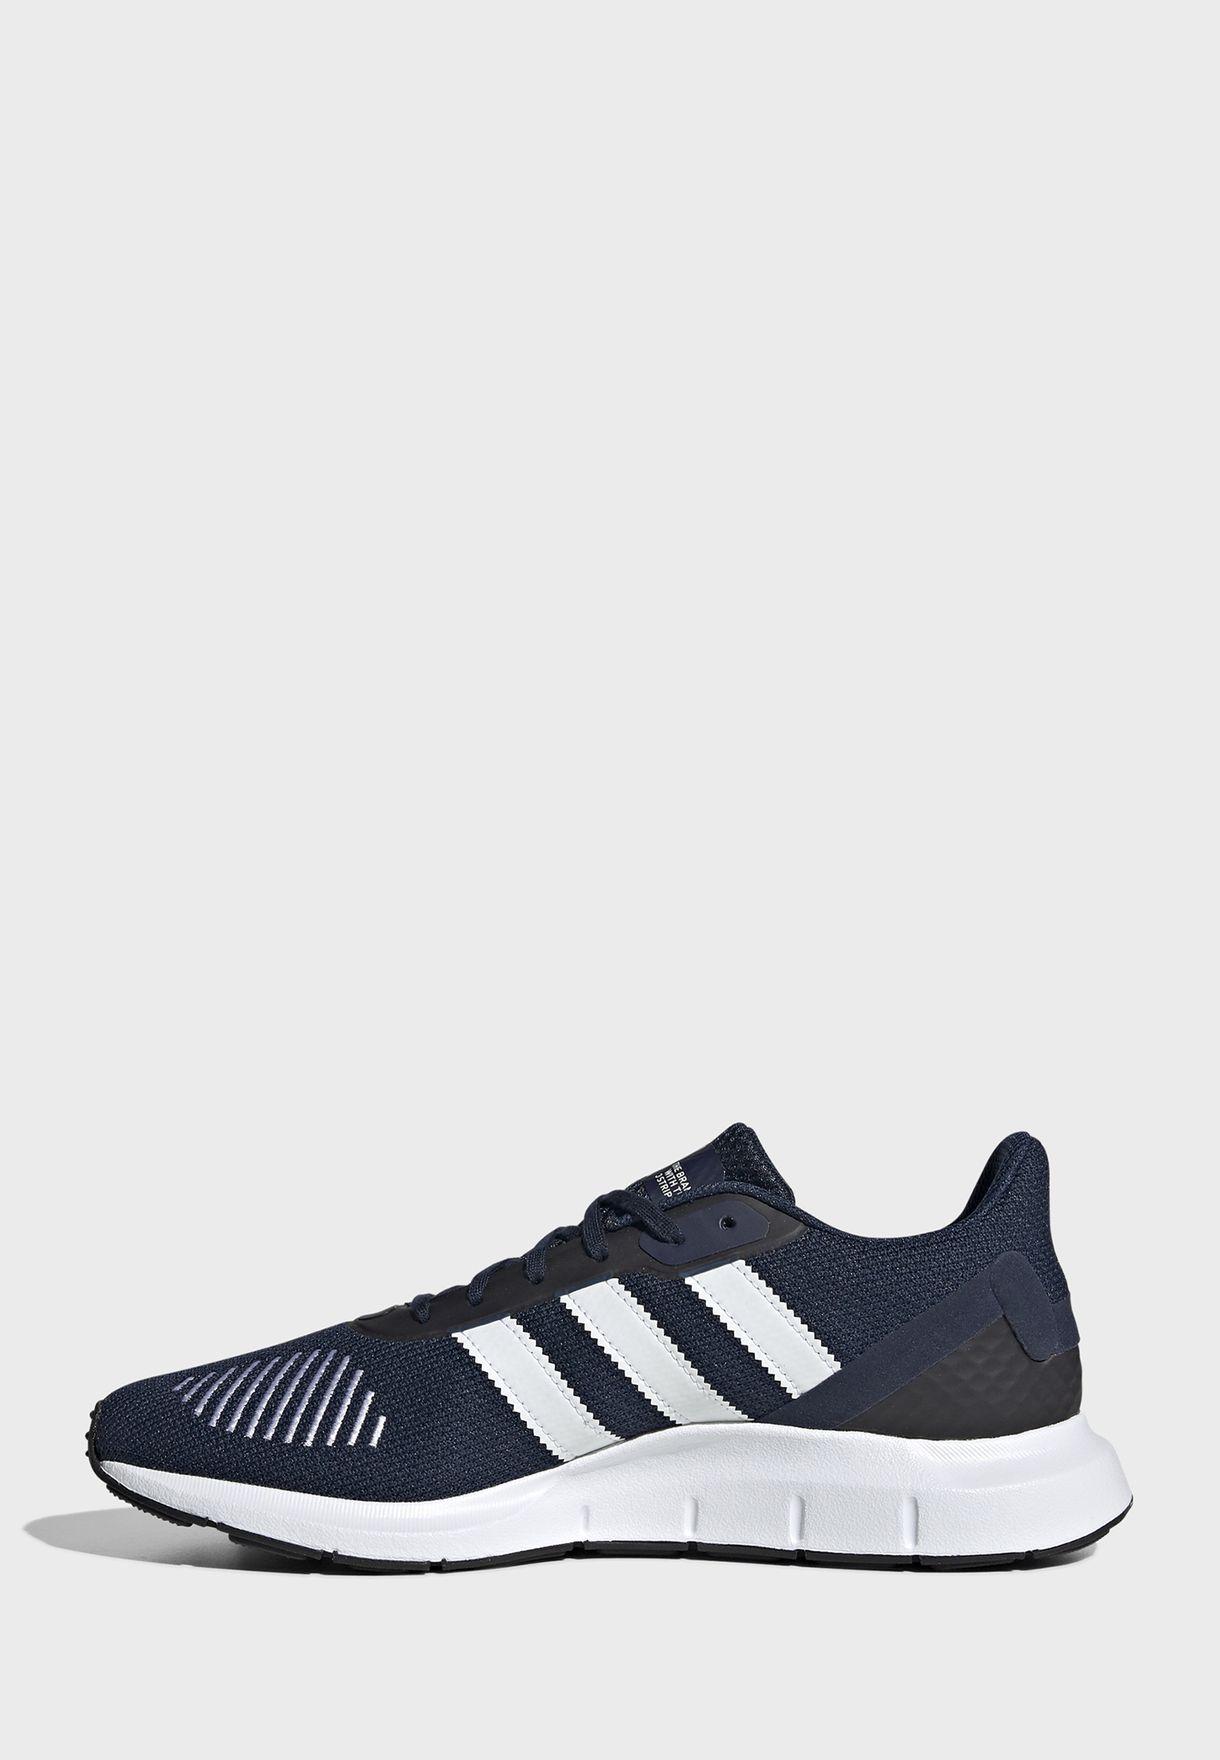 Swift Run Casual Men's Sneakers Shoes